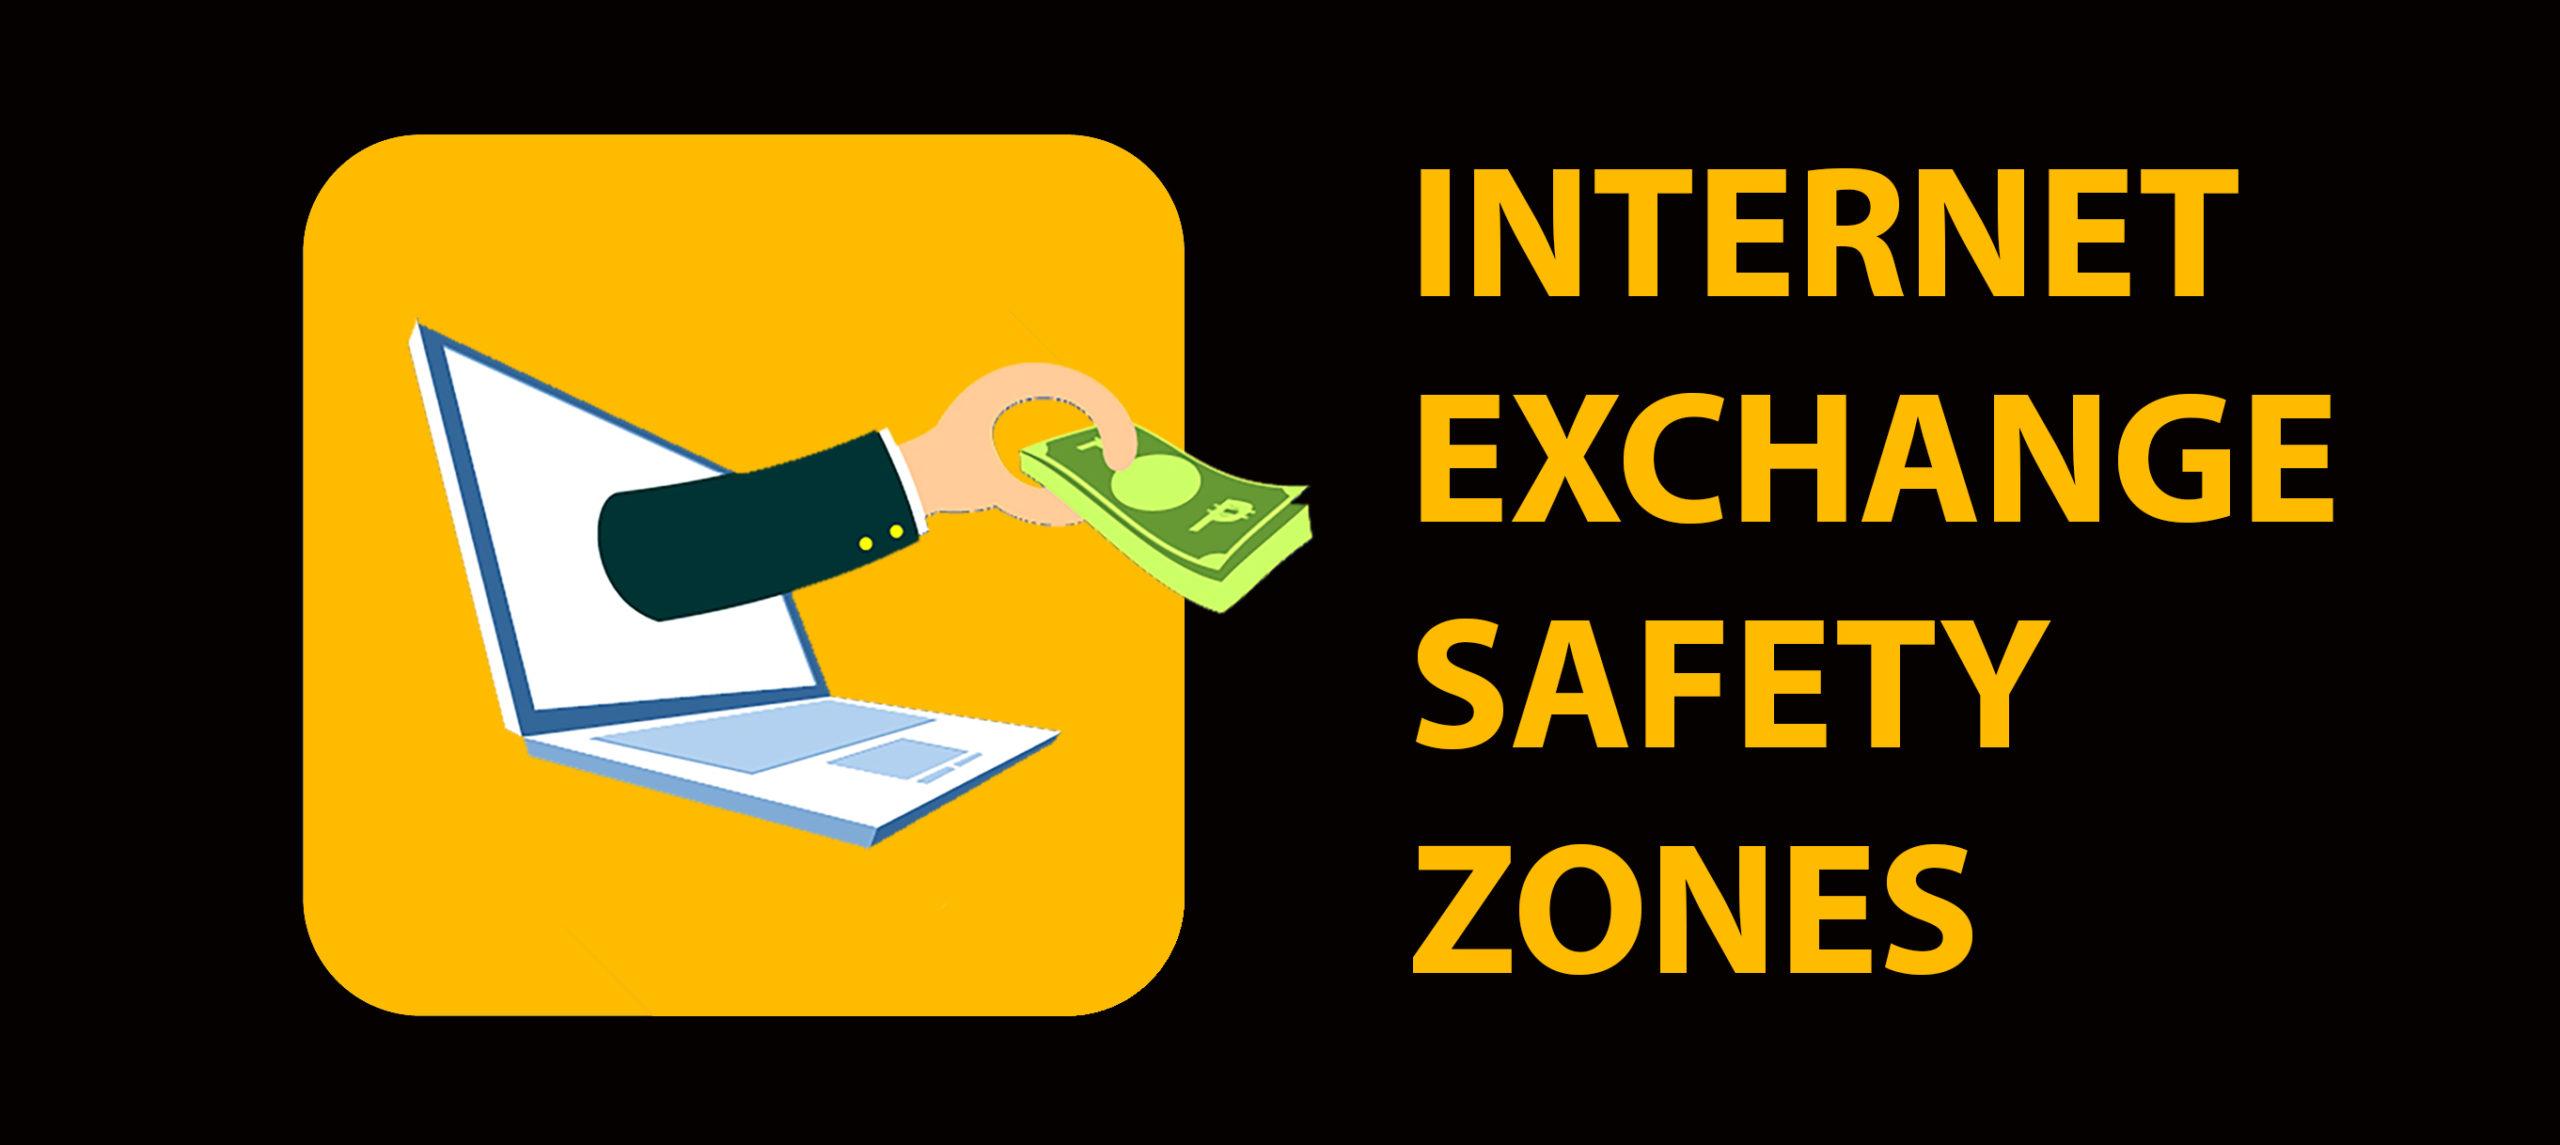 Internet Exchange Safety Zone